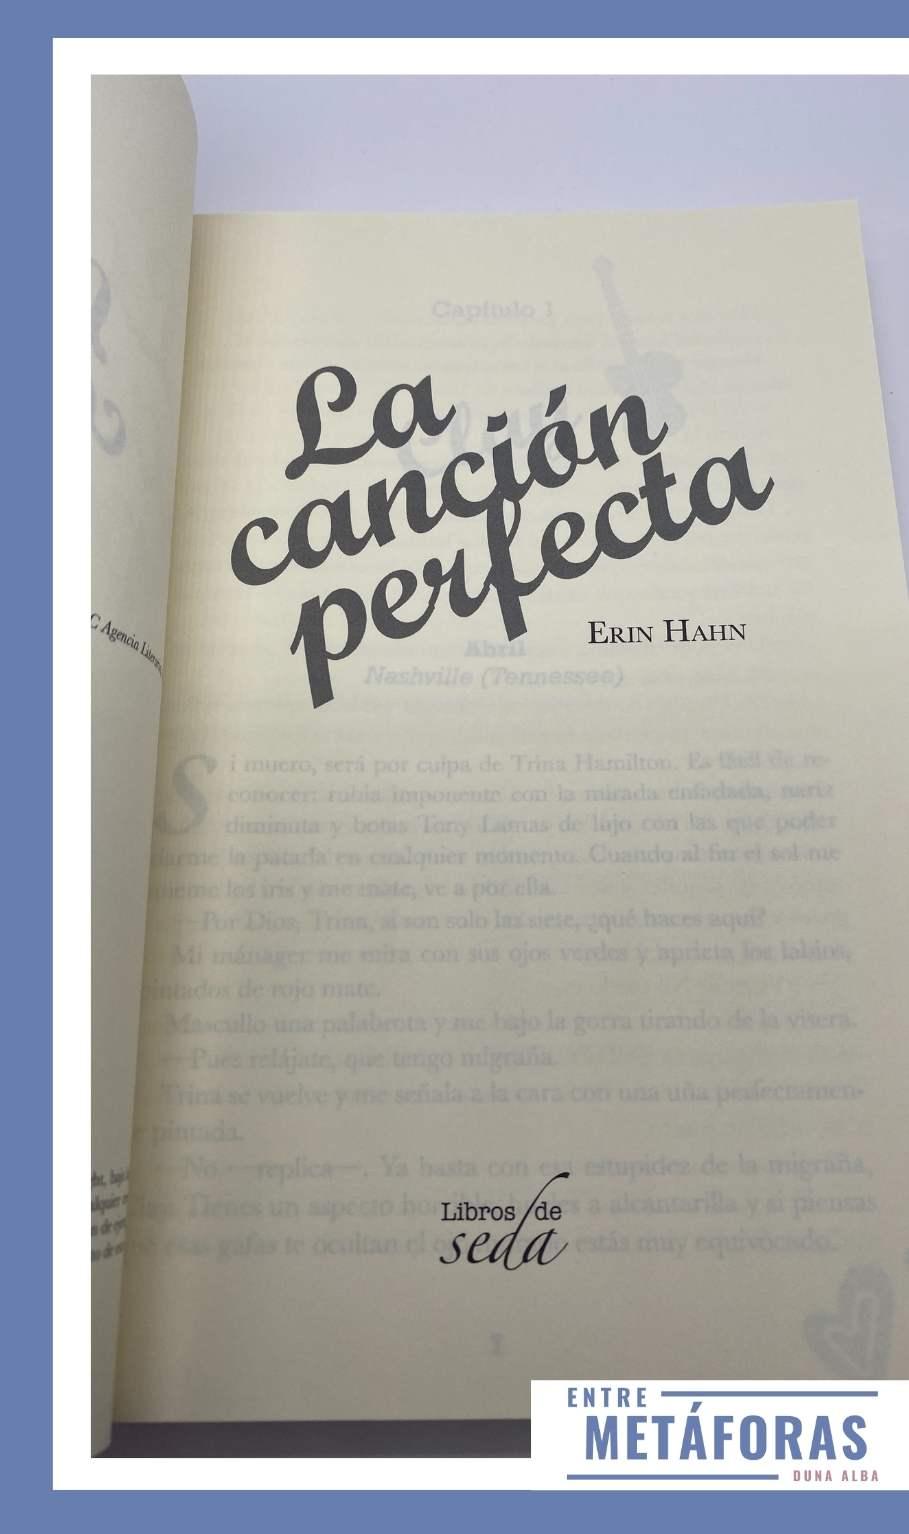 La canción perfecta, de Erin Hahn